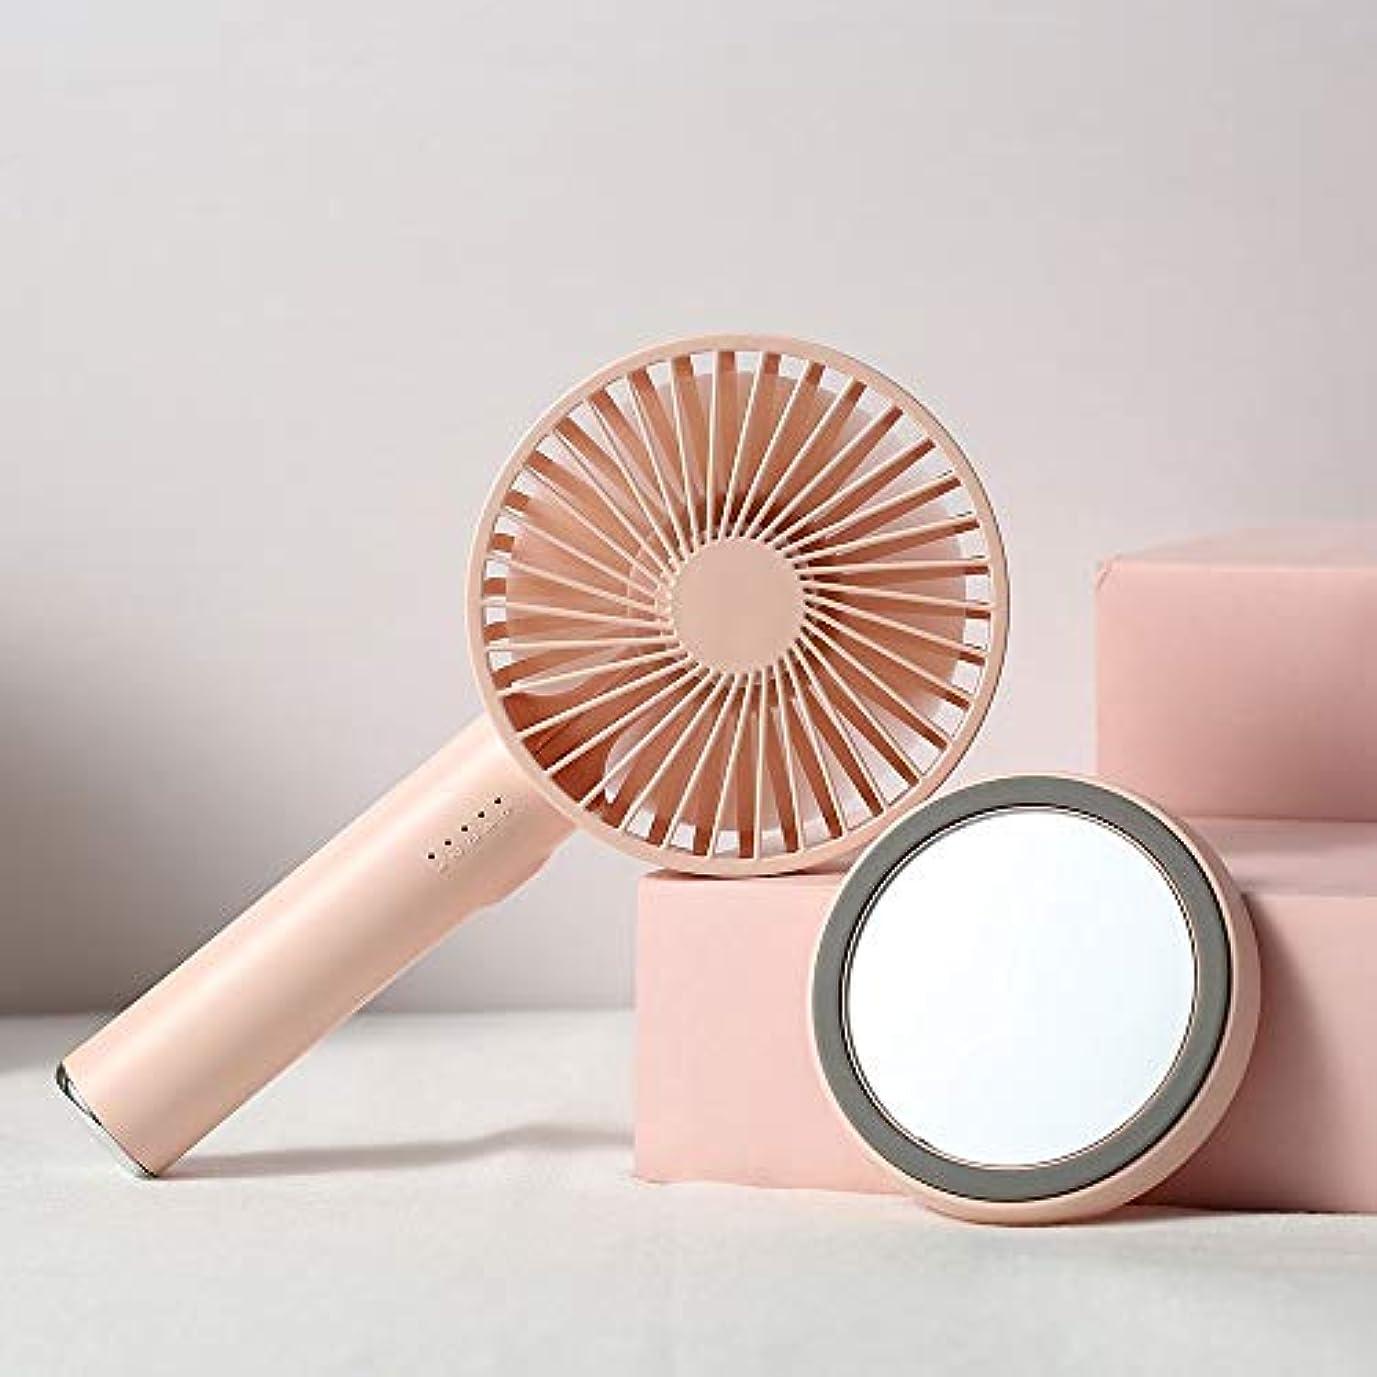 かどうか主婦ぜいたく流行の クリエイティブ新しいファンの化粧鏡の手持ち型の無声ファン5速調整ポータブル屋外の美しさのミラーミラー2つの黄色のモデルピンク (色 : Pink)